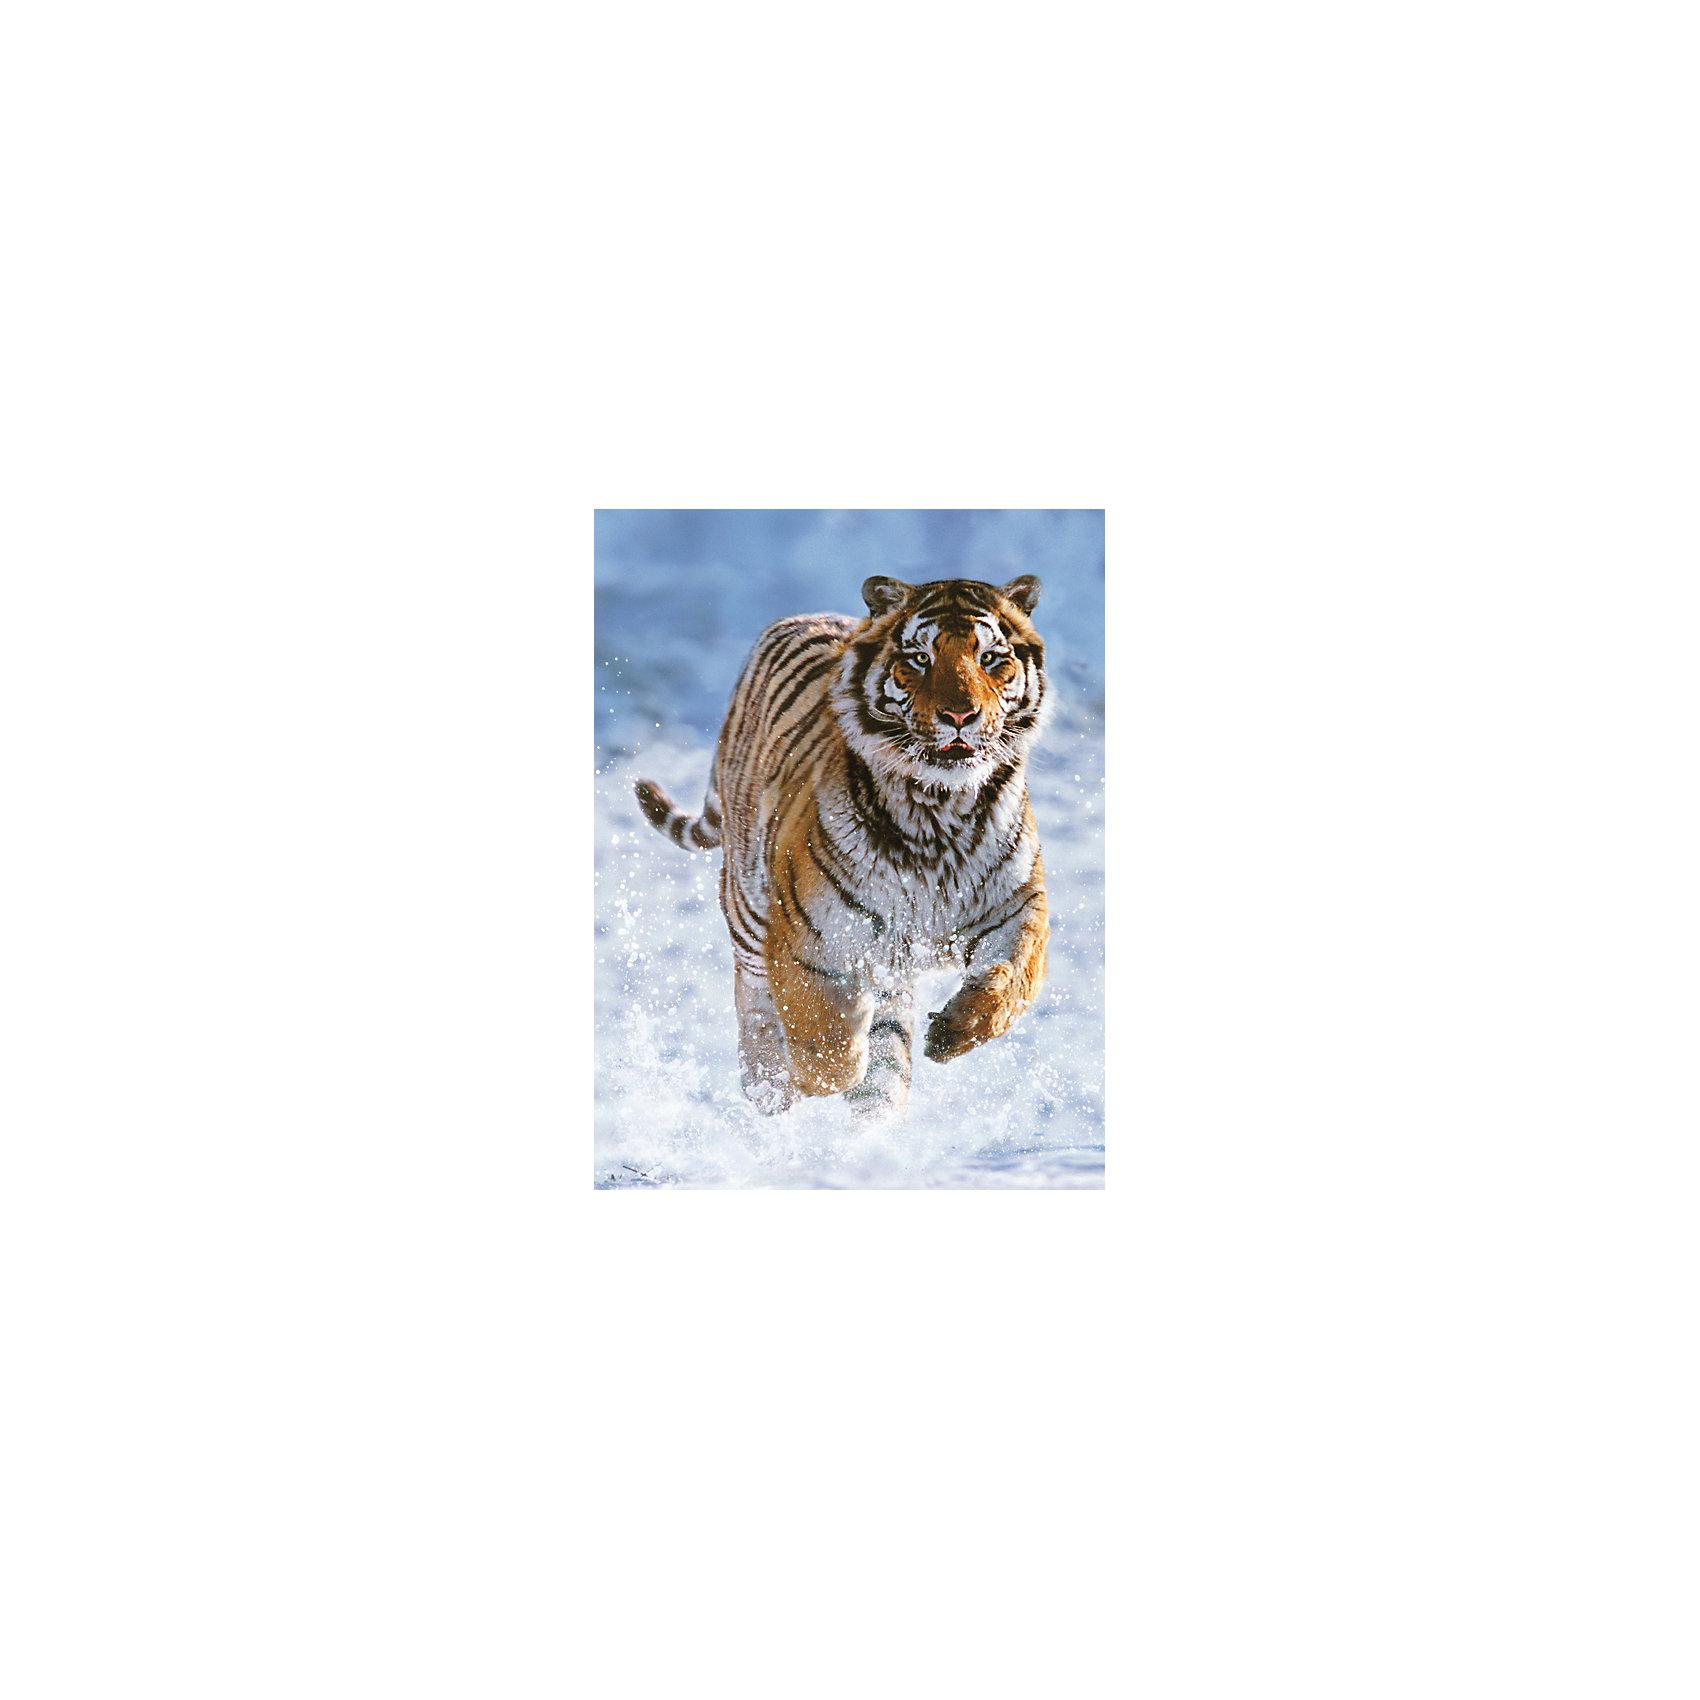 Пазл «Тигр на снегу» 500 деталей, RavensburgerКлассические пазлы<br>Пазл «Тигр на снегу» 500 деталей, Ravensburger (Равенсбургер) отличается высоким качеством изображения. На нем видна каждая деталь хищника. Могучий тигр стремительно несется по снегу, который взмывает в воздух от каждого движения хищника. Результат принесет ребенку радость собственных достижений и удовольствие от красочной картины! <br><br>Характеристики:<br>-Элементы идеально соединяются друг с другом, не отслаиваются с течением времени<br>-Высочайшее качество картона и полиграфии <br>-Матовая поверхность исключает отблески<br>-Развивает: память, мышление, внимательность, усидчивость, мелкая моторика, восприятие форм и цветов<br>-Занимательное времяпрепровождение для всей семьи<br>-Для сохранения в собранном виде можно использовать скотч или специальный клей для пазлов (в комплект не входит)<br><br>Дополнительная информация:<br>-Материал: плотный картон, бумага<br>-Размер собранного пазла: 49х36 см<br>-Размер упаковки: 34х23х4 см<br>-Вес упаковки: 600 г<br><br>Для детей собирание пазлов – это интересная и полезная игра, а для взрослых — прекрасная возможность провести время вместе со своими детьми!<br><br>Пазл «Тигр на снегу» 500 деталей, Ravensburger (Равенсбургер) можно купить в нашем магазине.<br><br>Ширина мм: 335<br>Глубина мм: 231<br>Высота мм: 37<br>Вес г: 550<br>Возраст от месяцев: 144<br>Возраст до месяцев: 1200<br>Пол: Унисекс<br>Возраст: Детский<br>Количество деталей: 500<br>SKU: 1481259